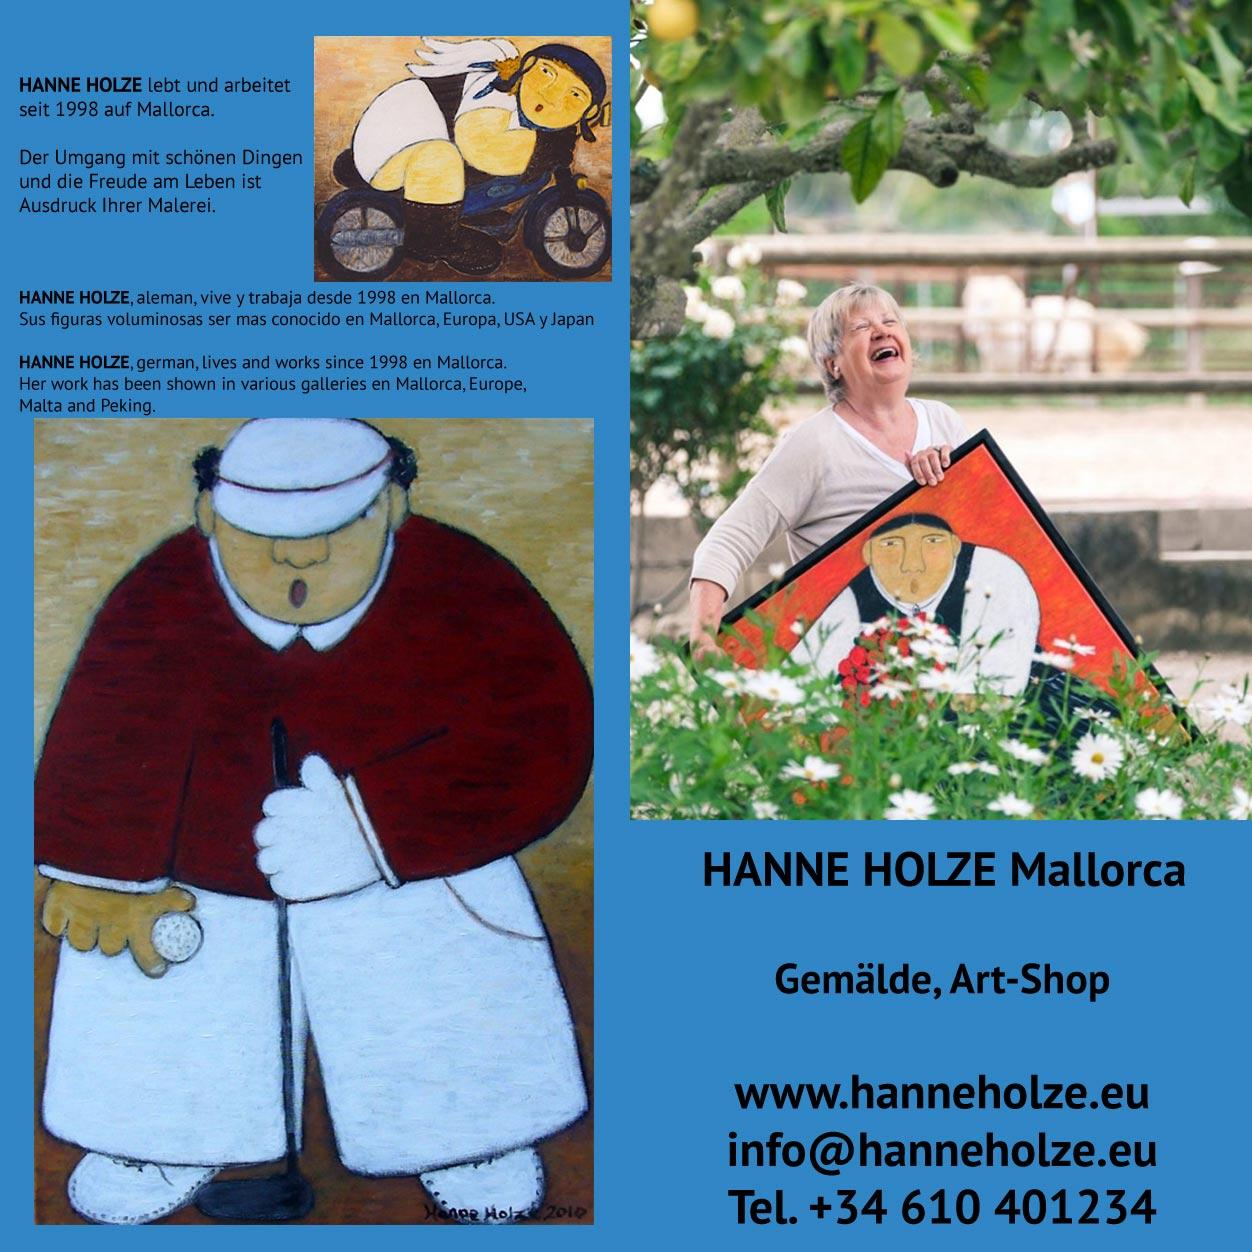 HANNE HOLZE Mallorca - Flyer